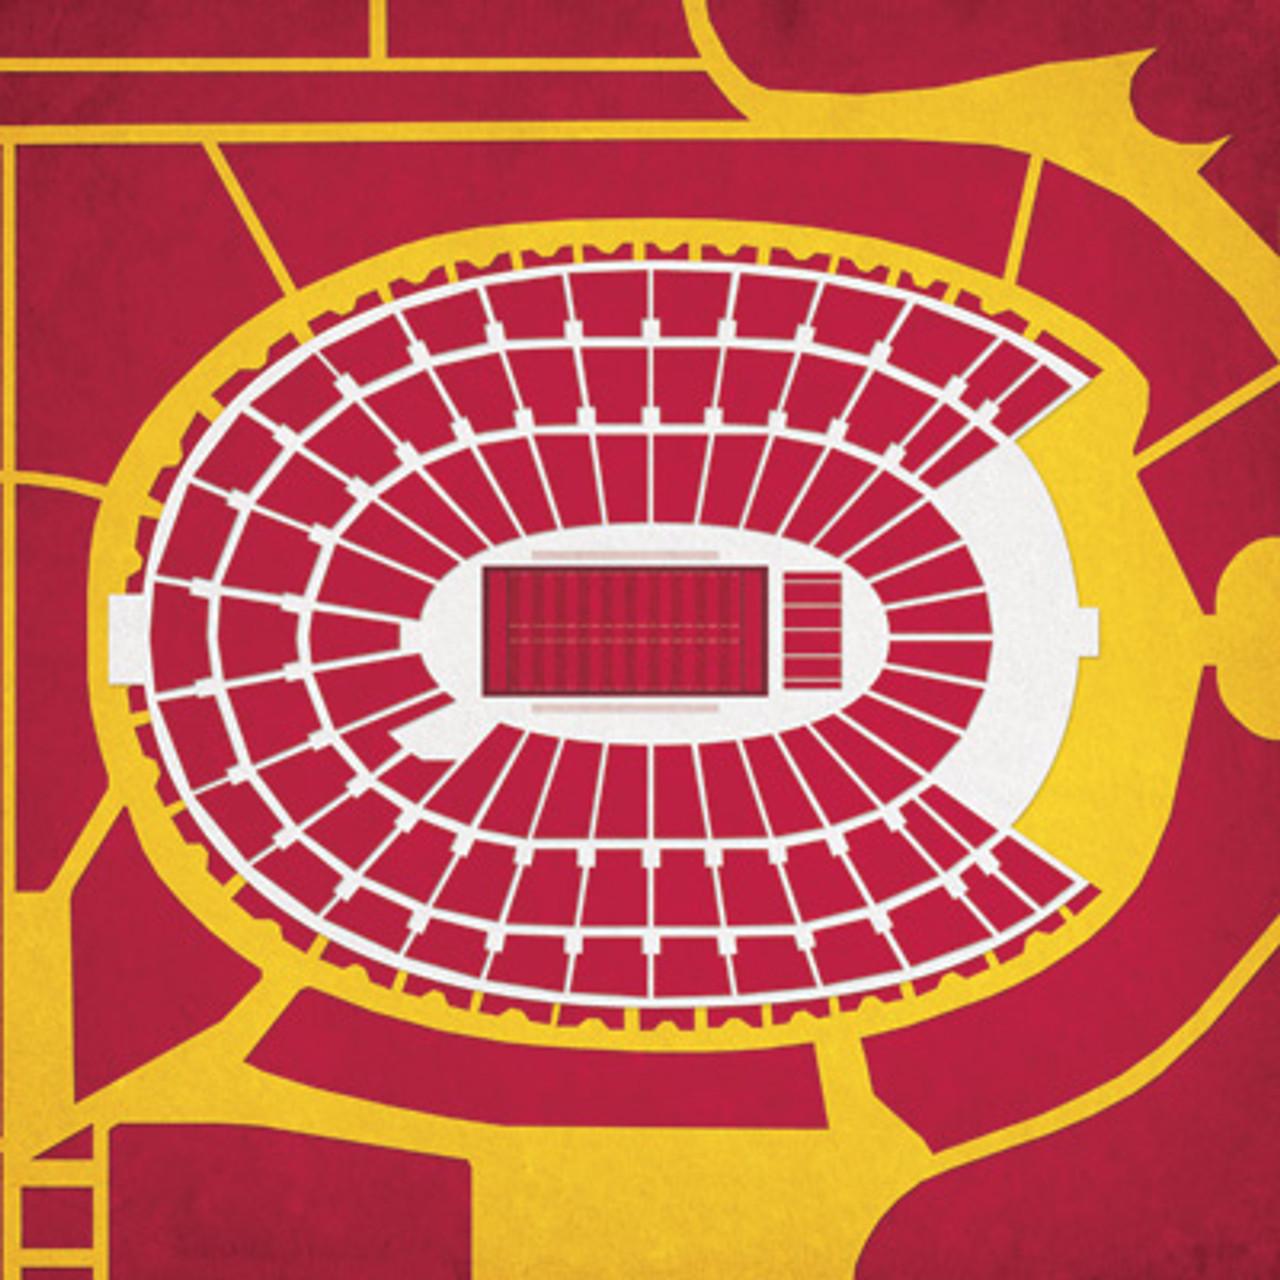 USC Trojans - Los Angeles Coliseum City Print